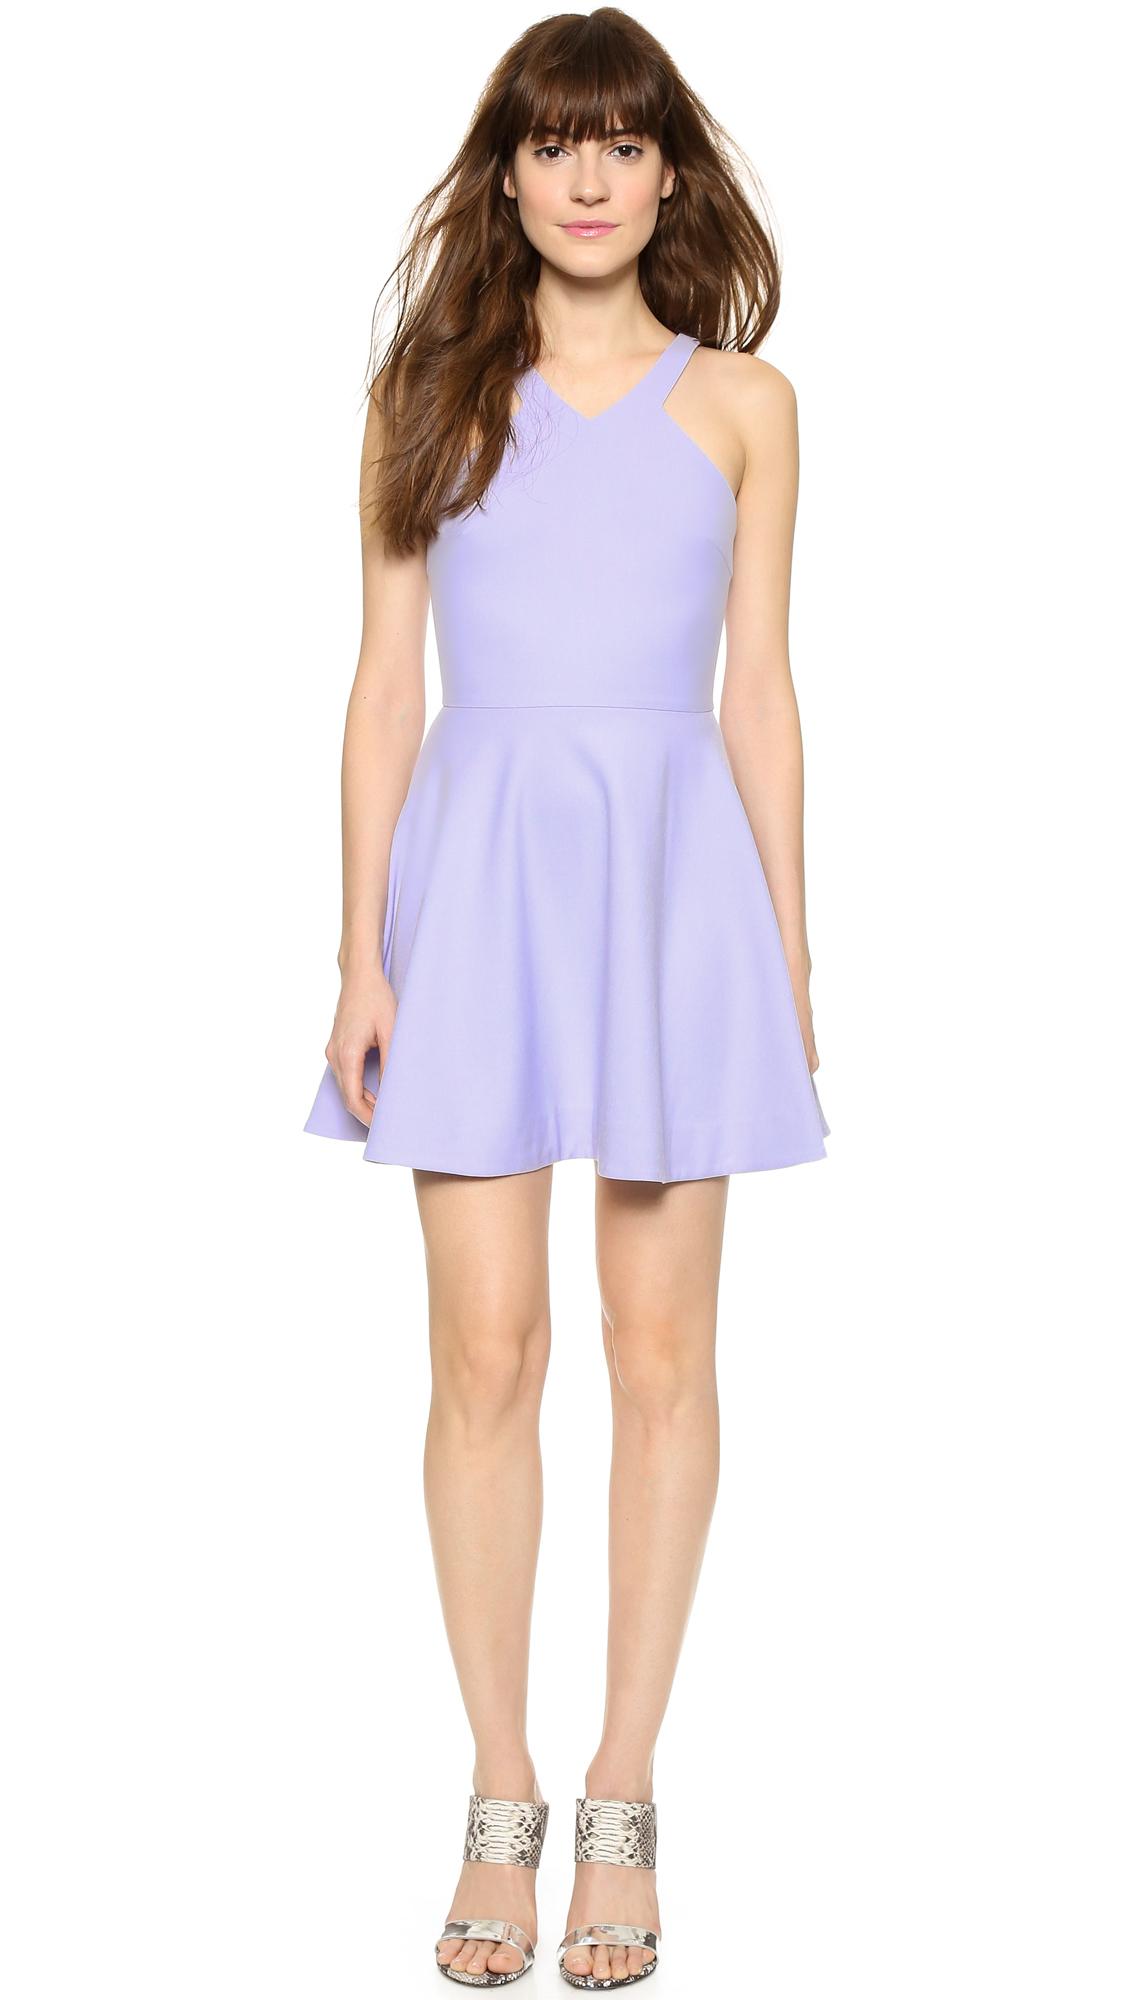 lyst elizabeth and james sonya dress lavender in purple. Black Bedroom Furniture Sets. Home Design Ideas